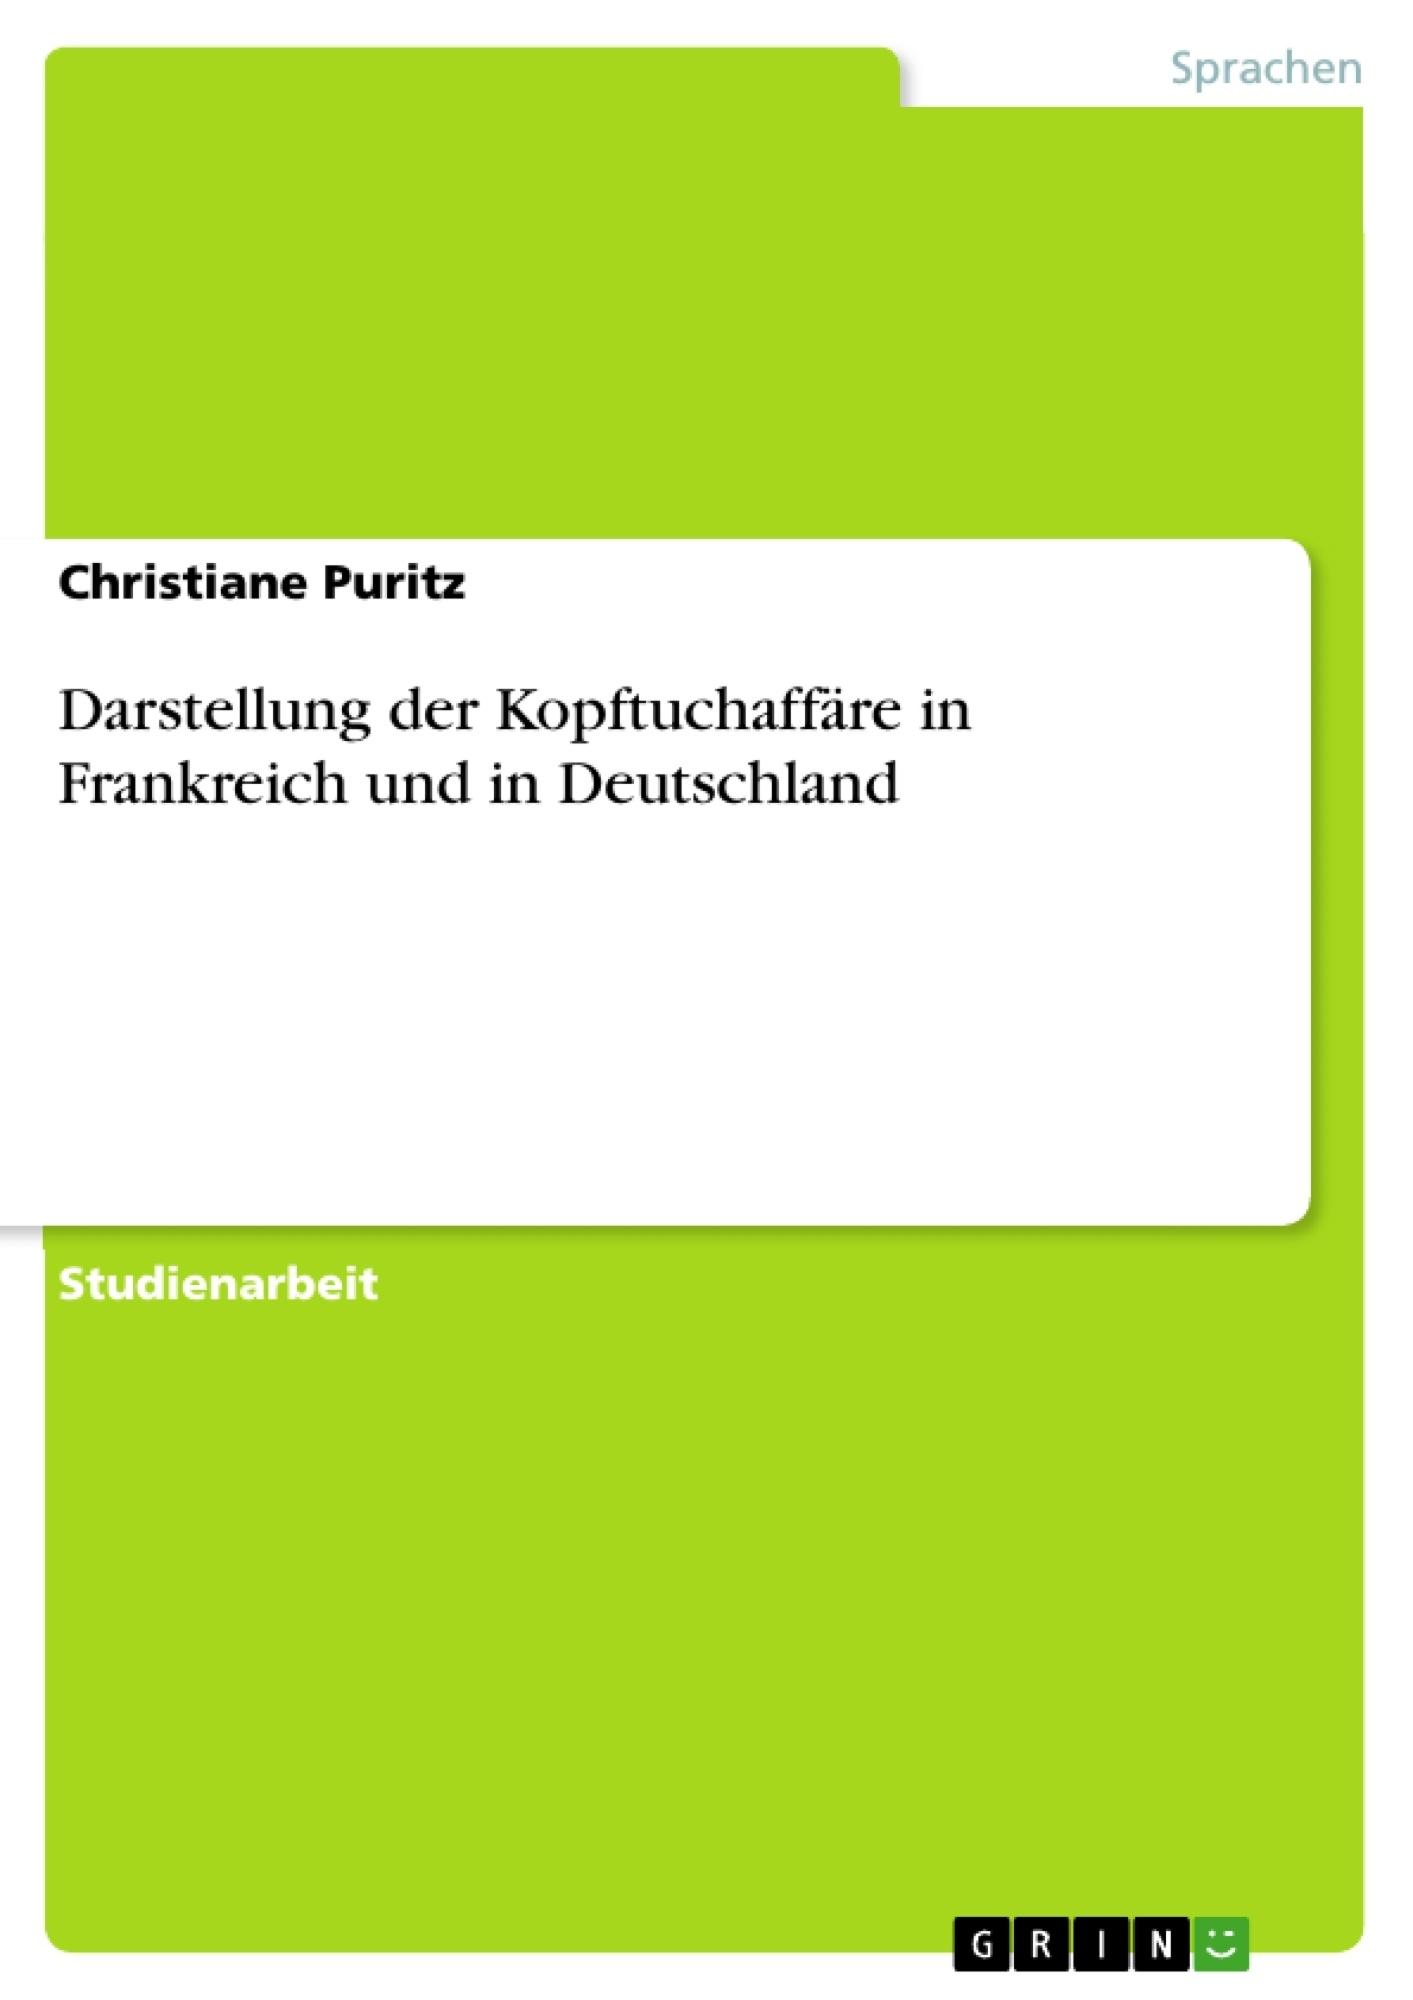 Titel: Darstellung der Kopftuchaffäre in Frankreich und in Deutschland